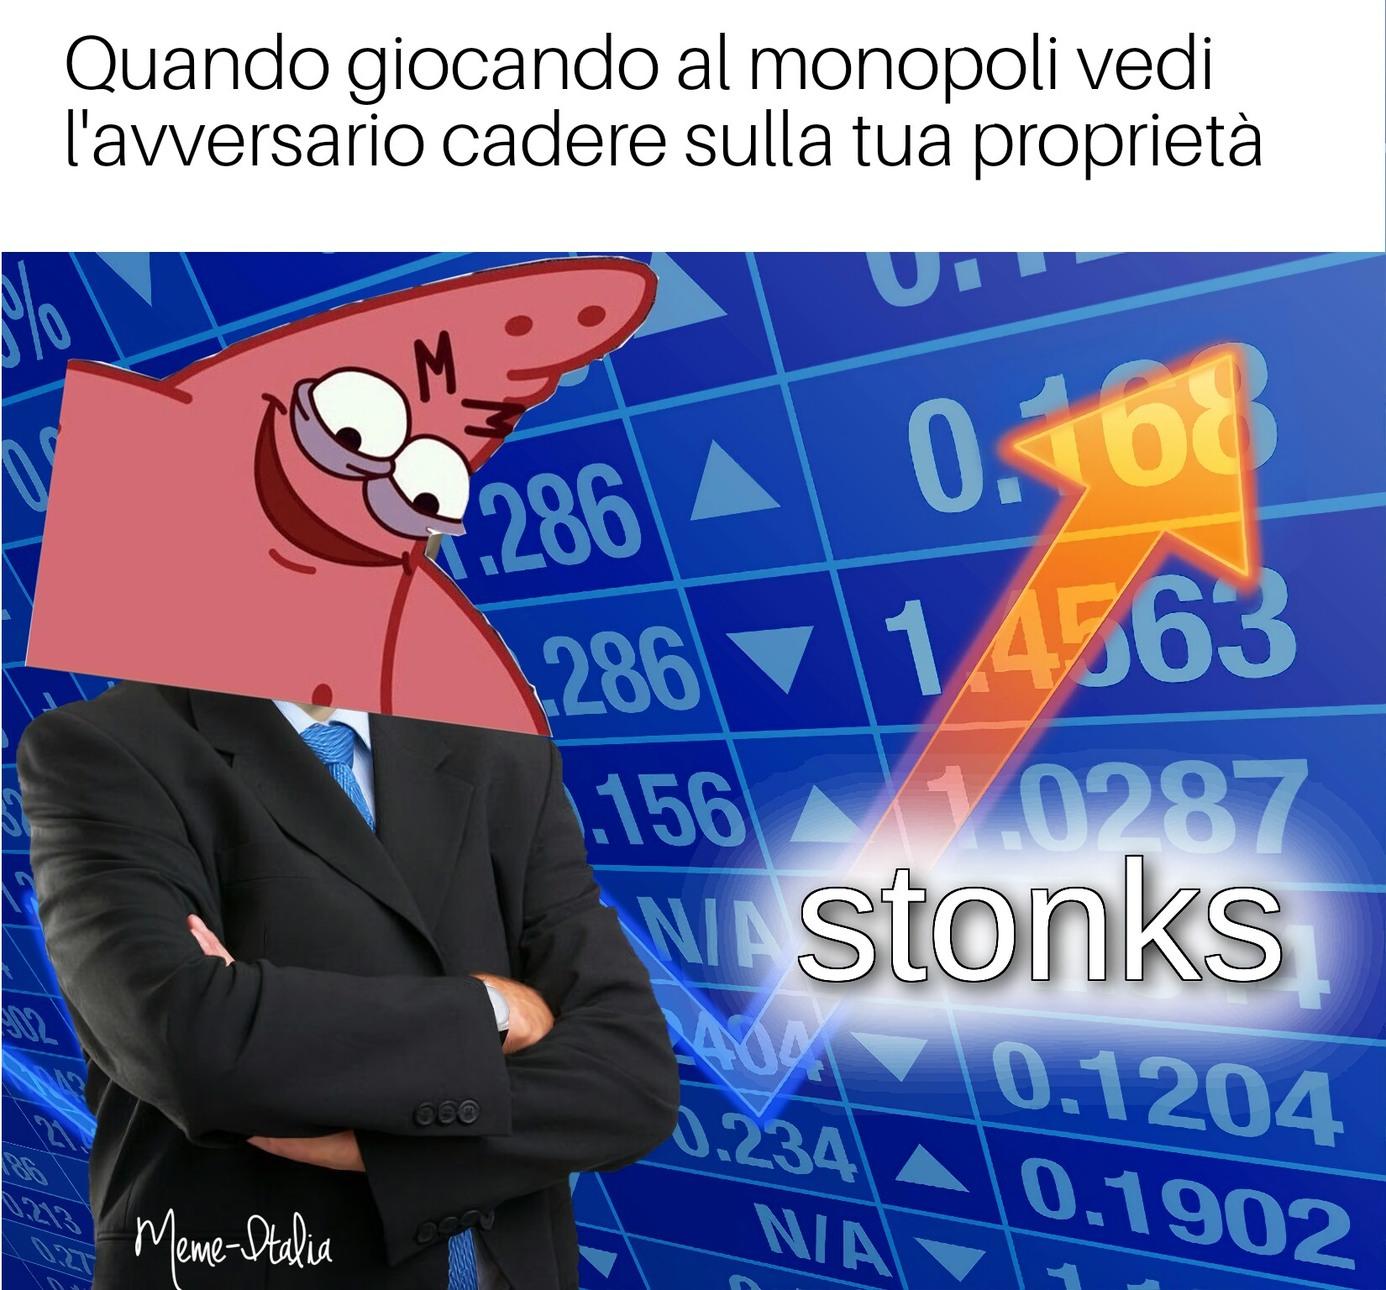 Monopoli - meme